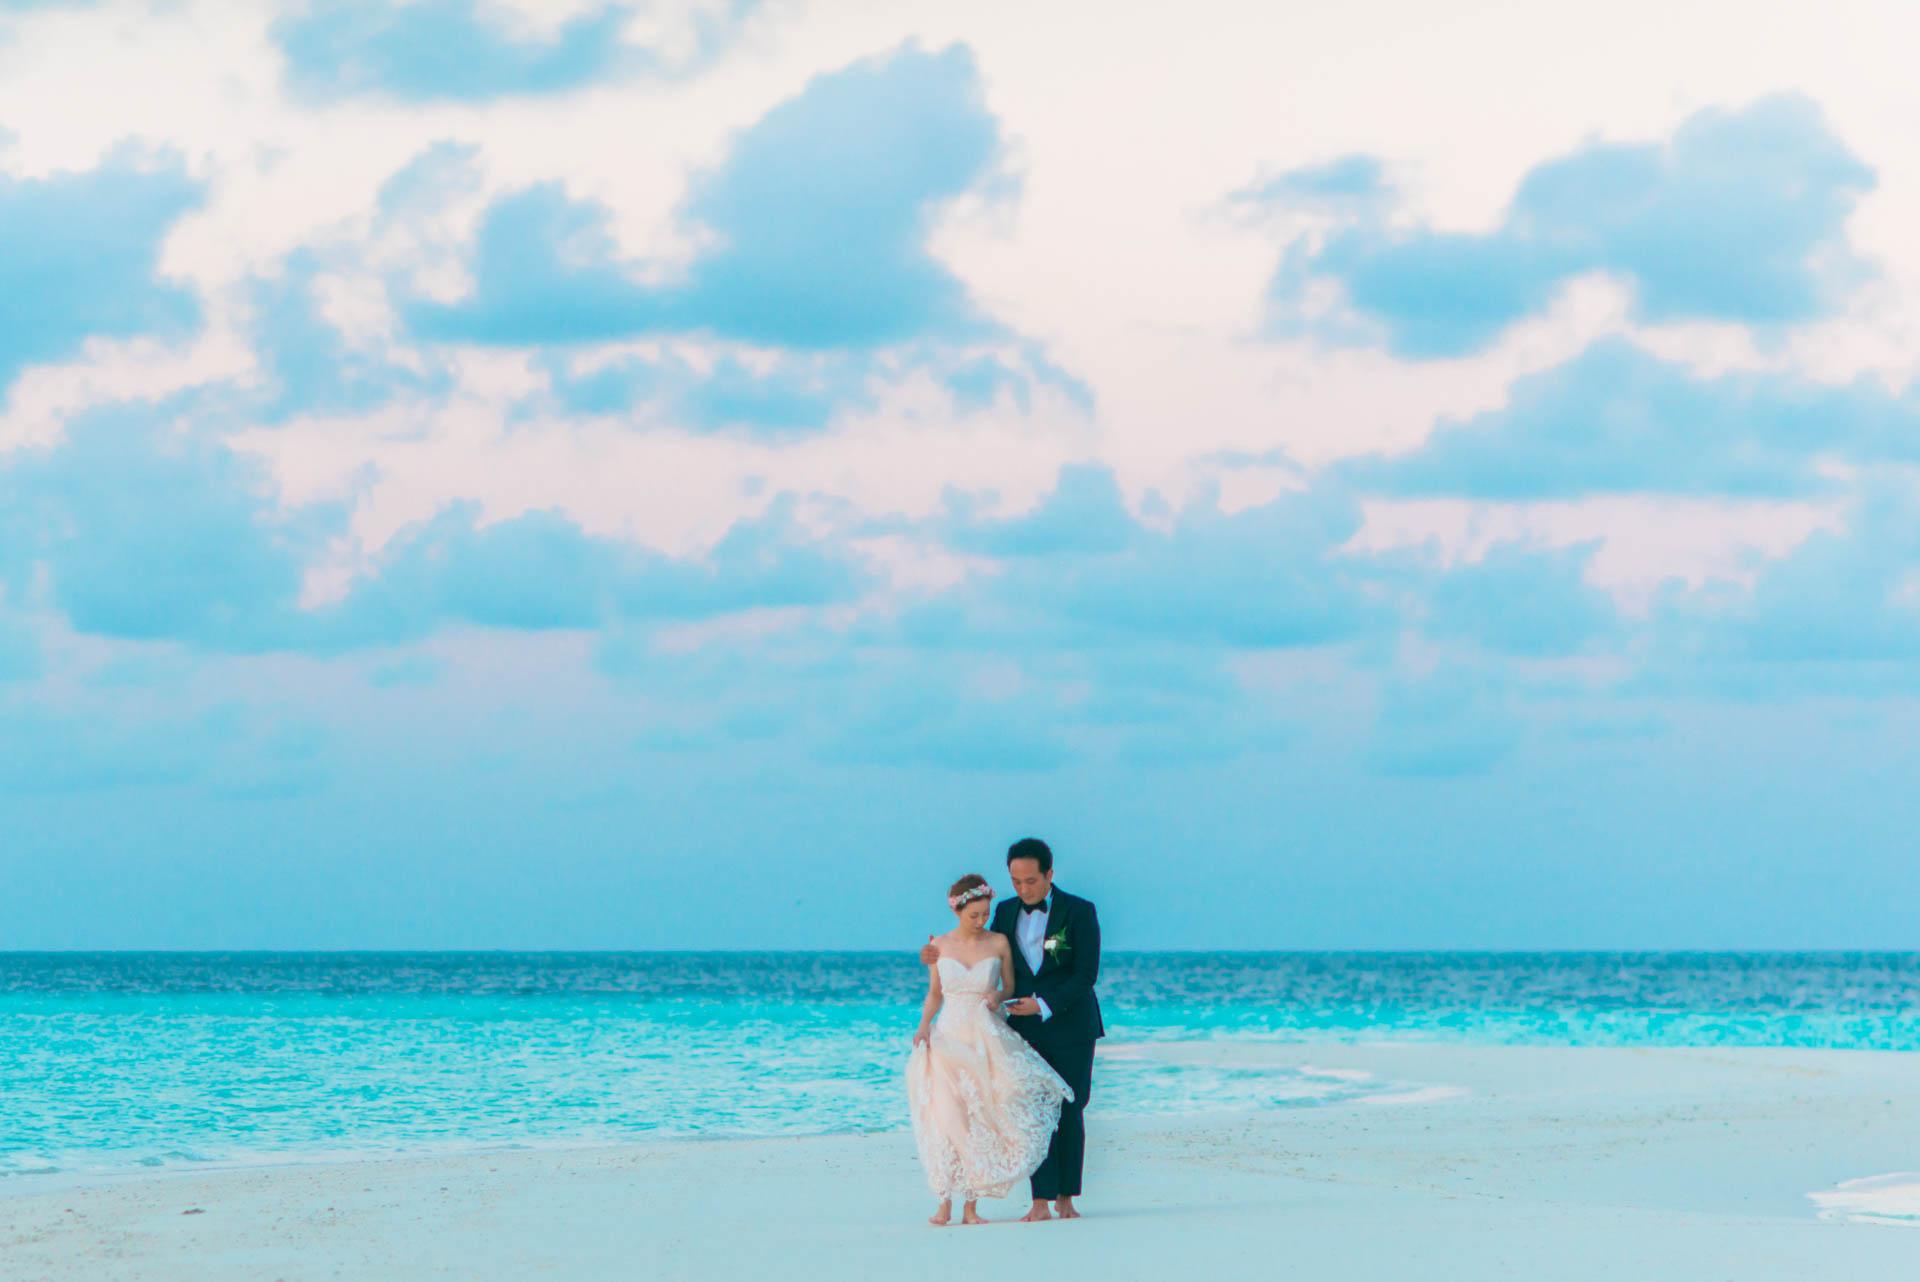 Kang Kim Sand Bank Wedding at St Regis Vommuly Maldives 7